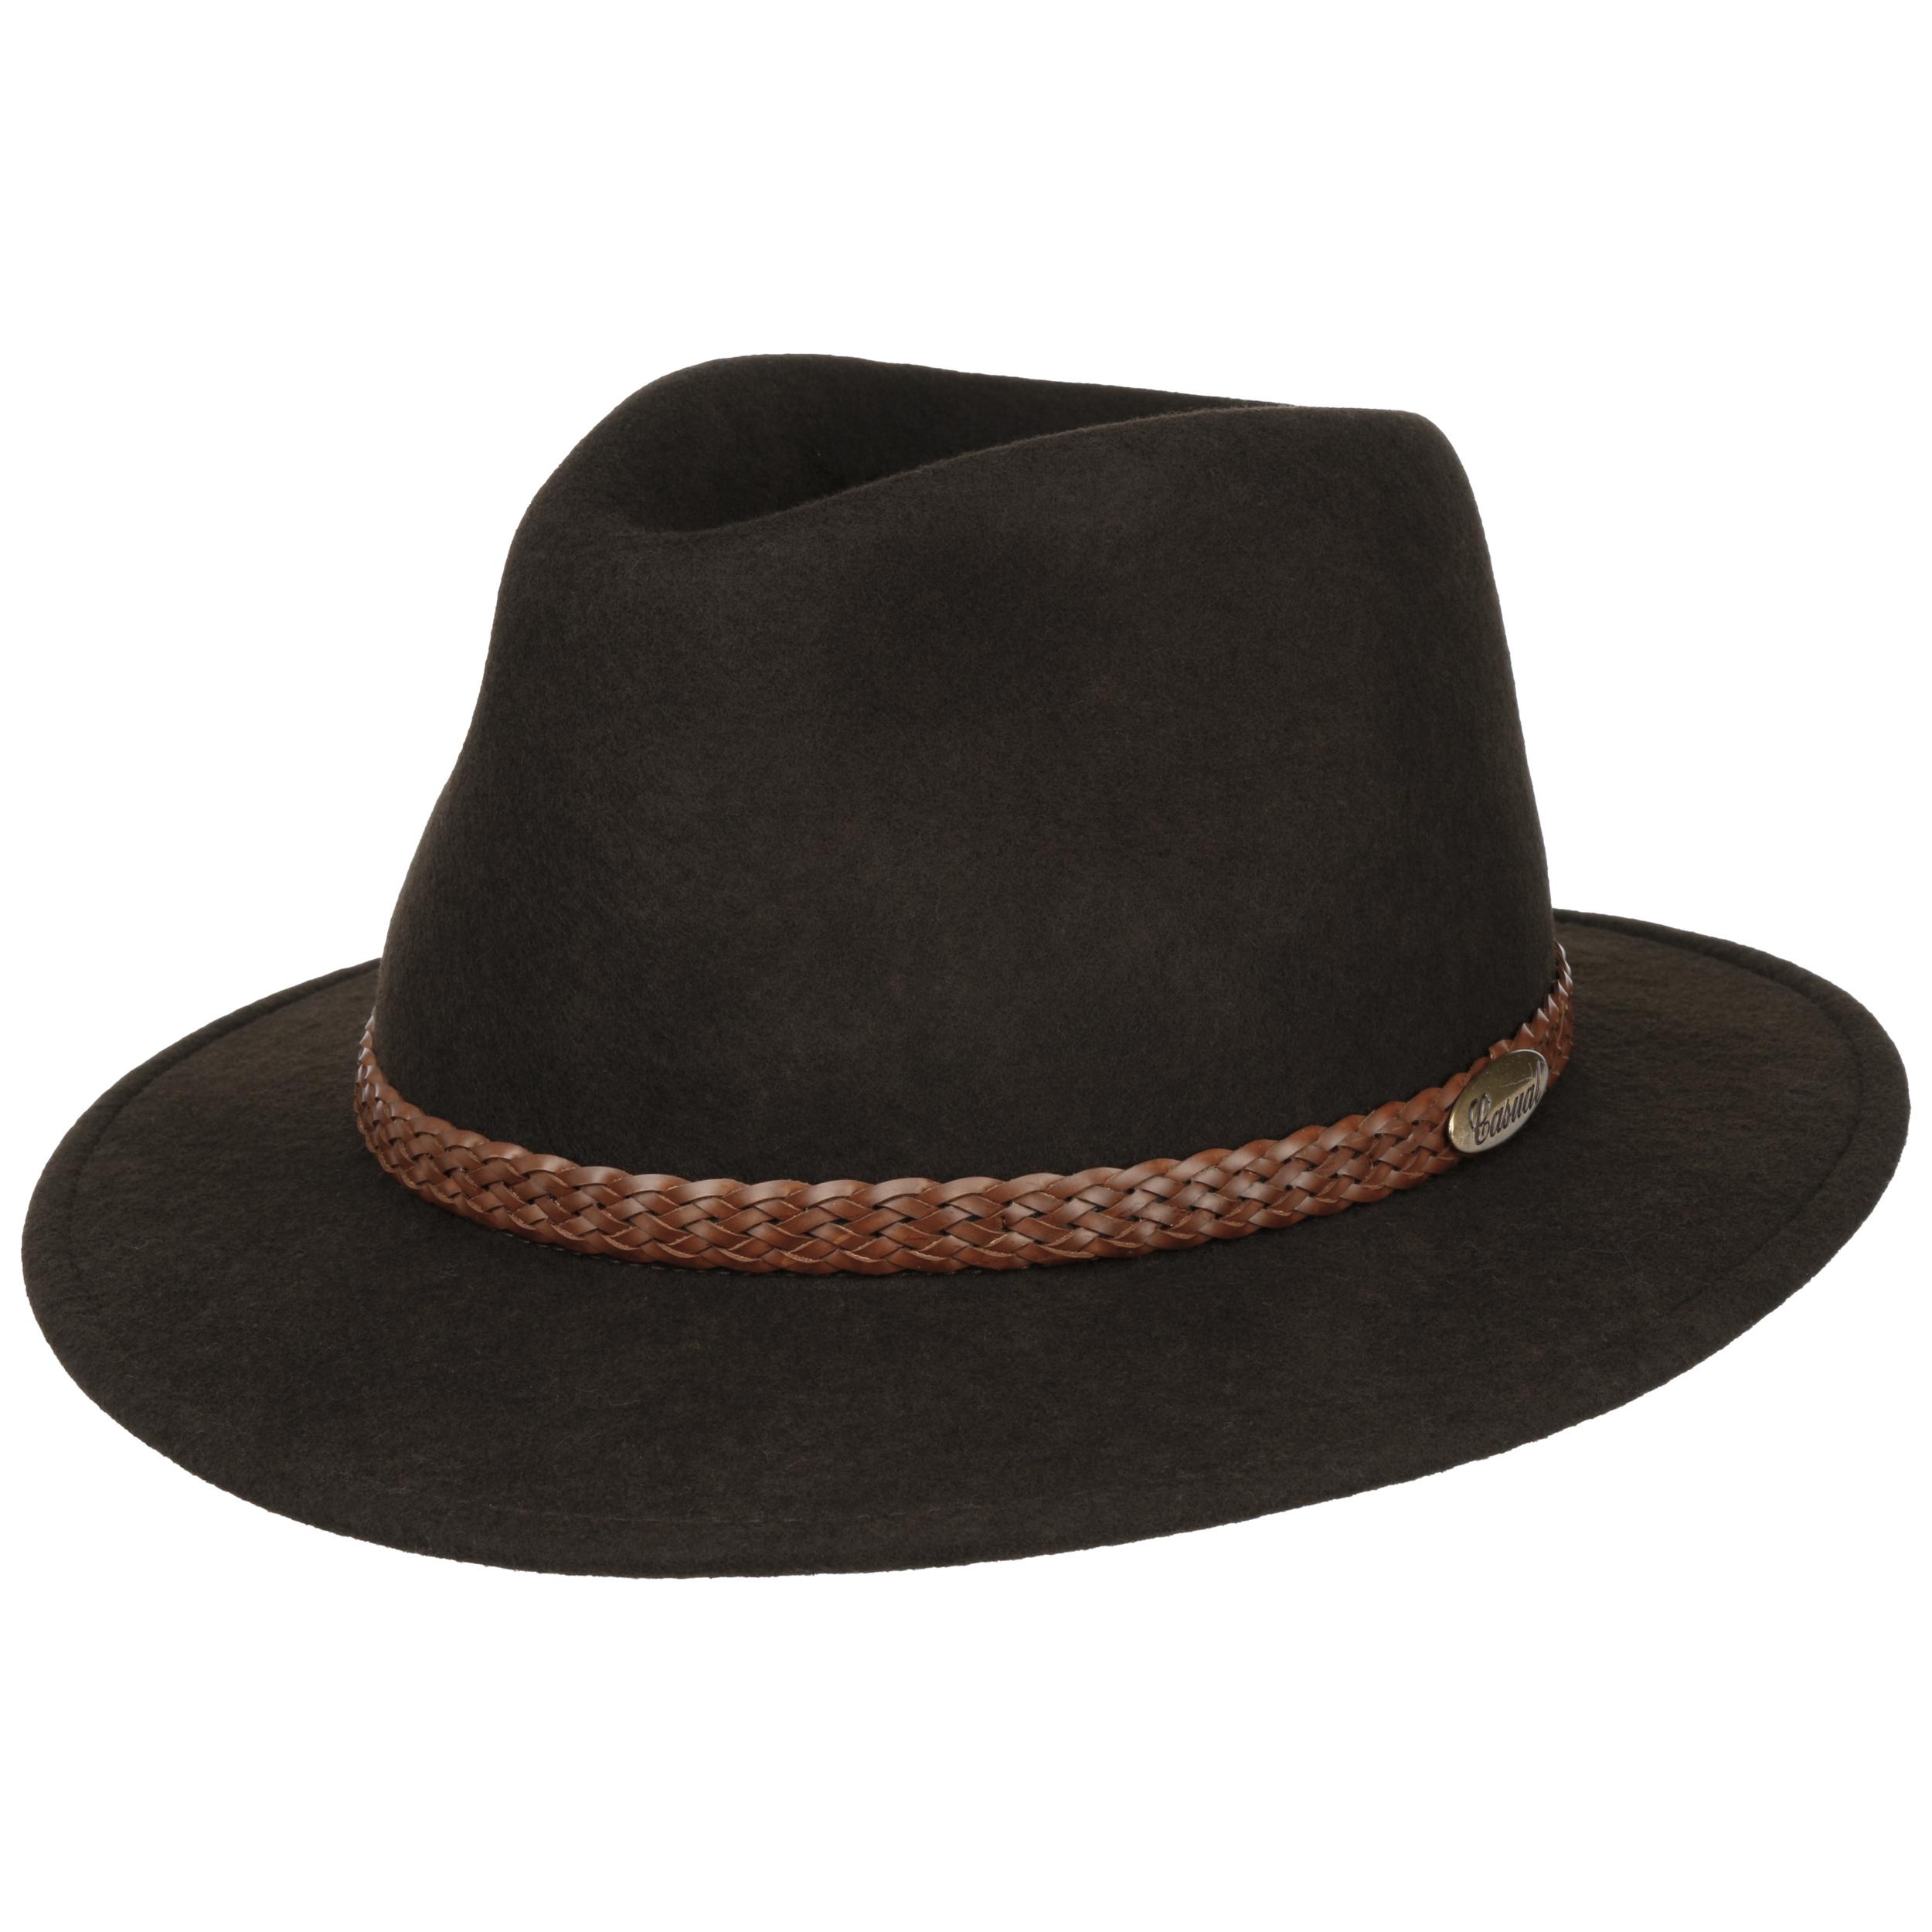 010acec75802f Sombrero Casual Light Traveller by Lierys - Sombreros - sombreroshop.es